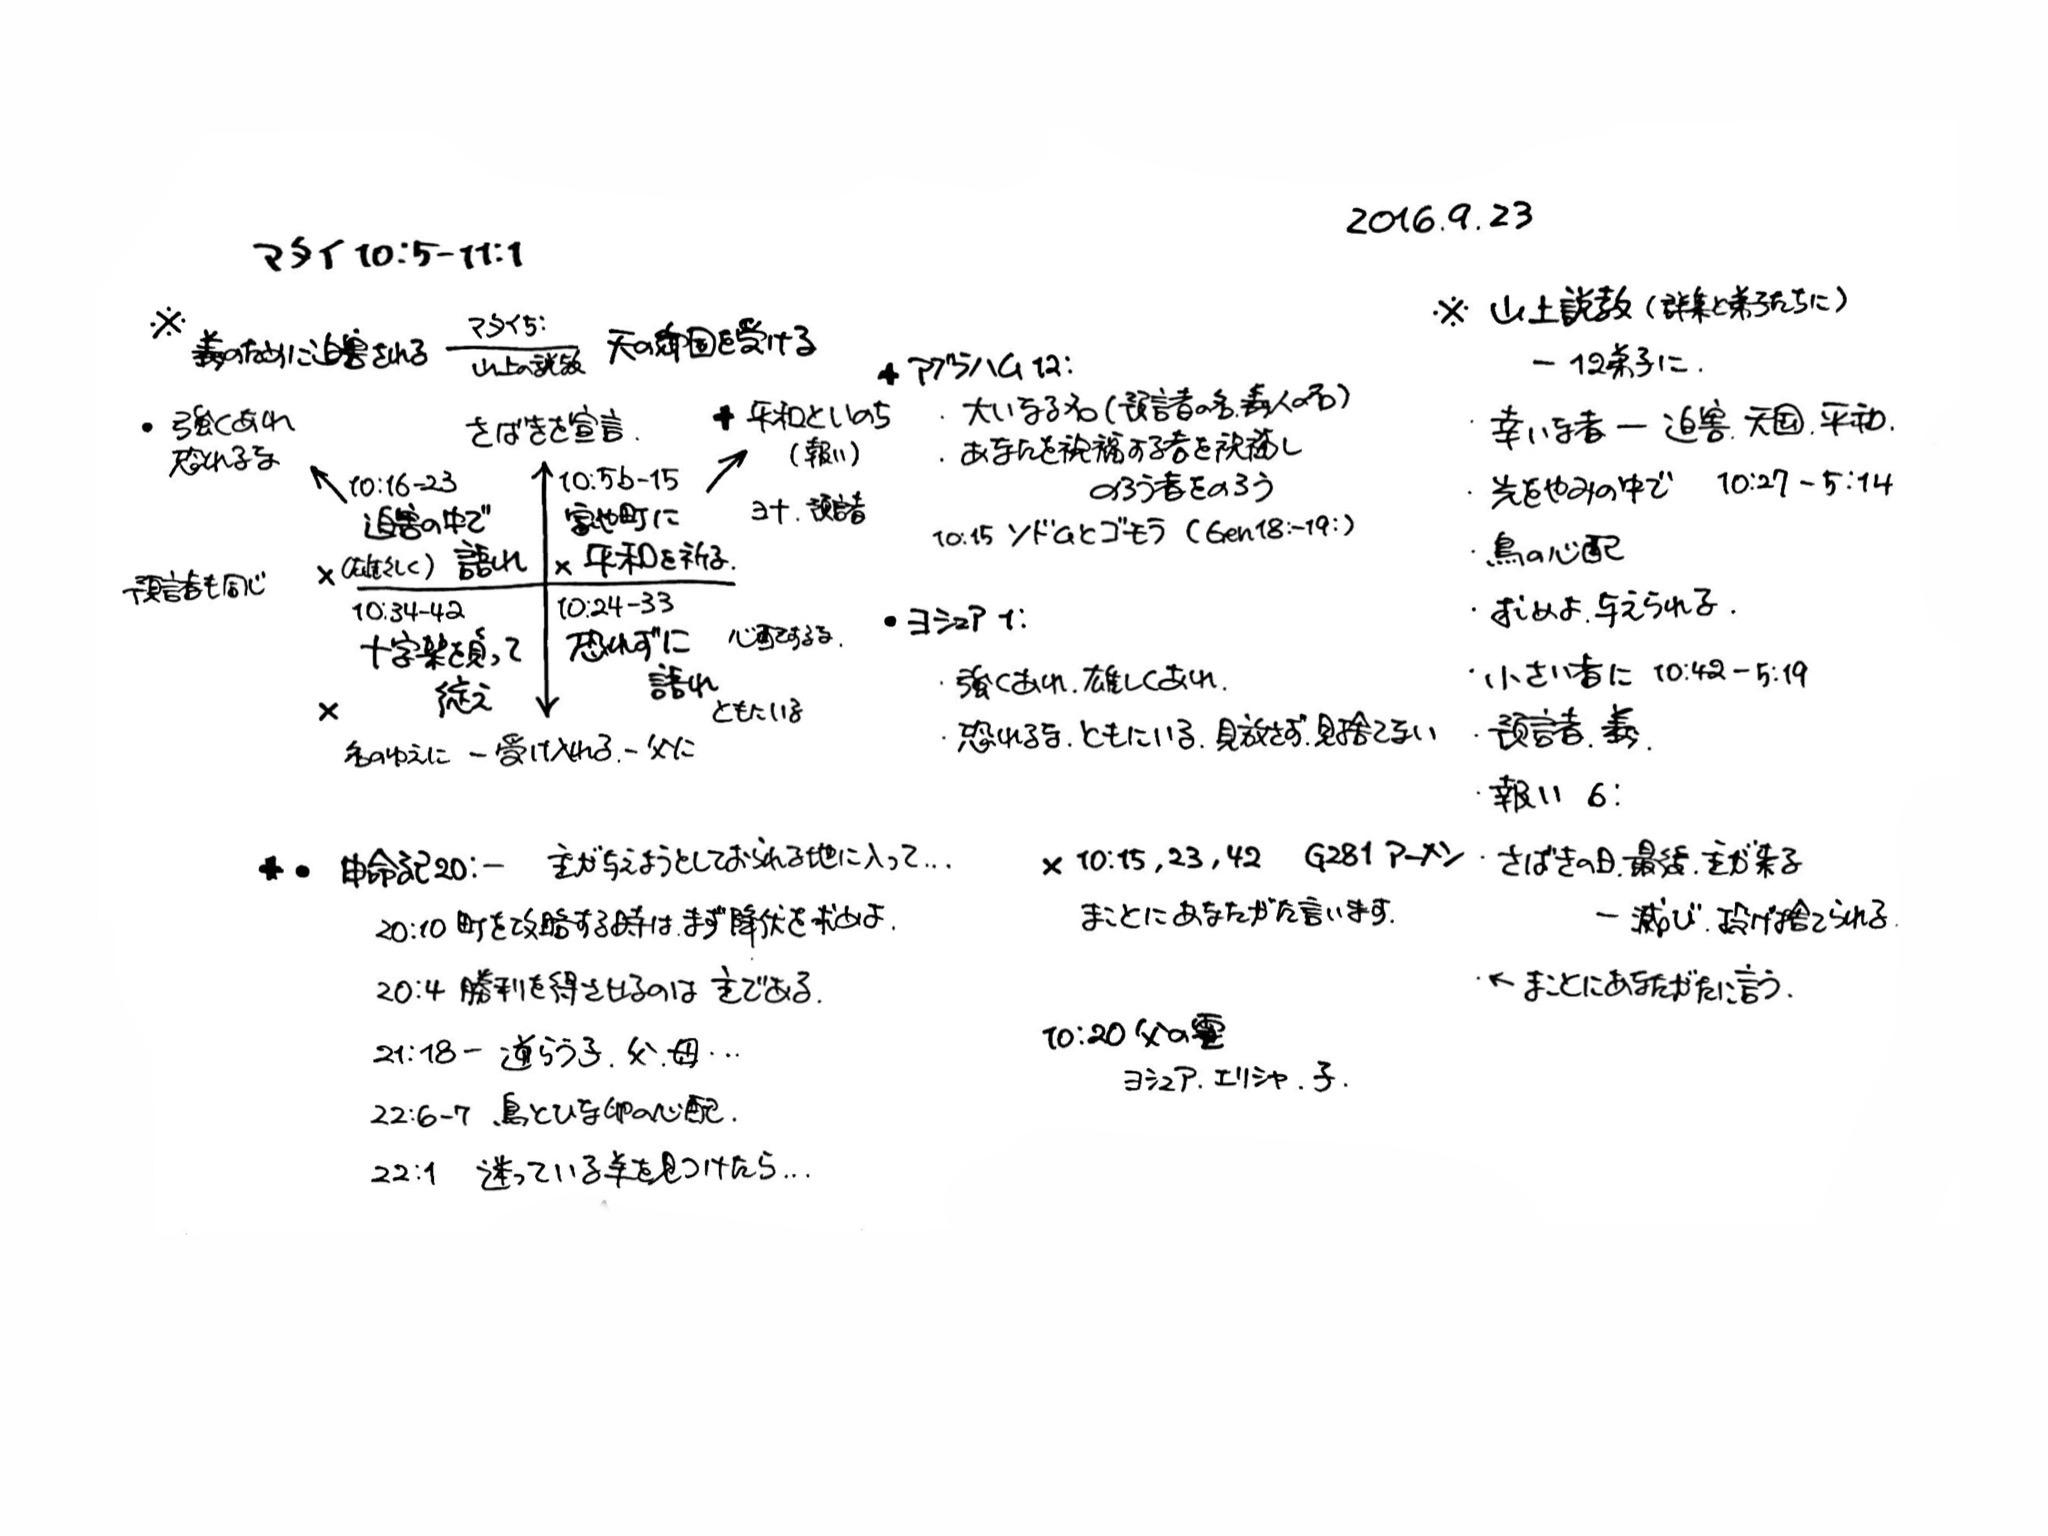 マタイ福音書 10章の構造分析